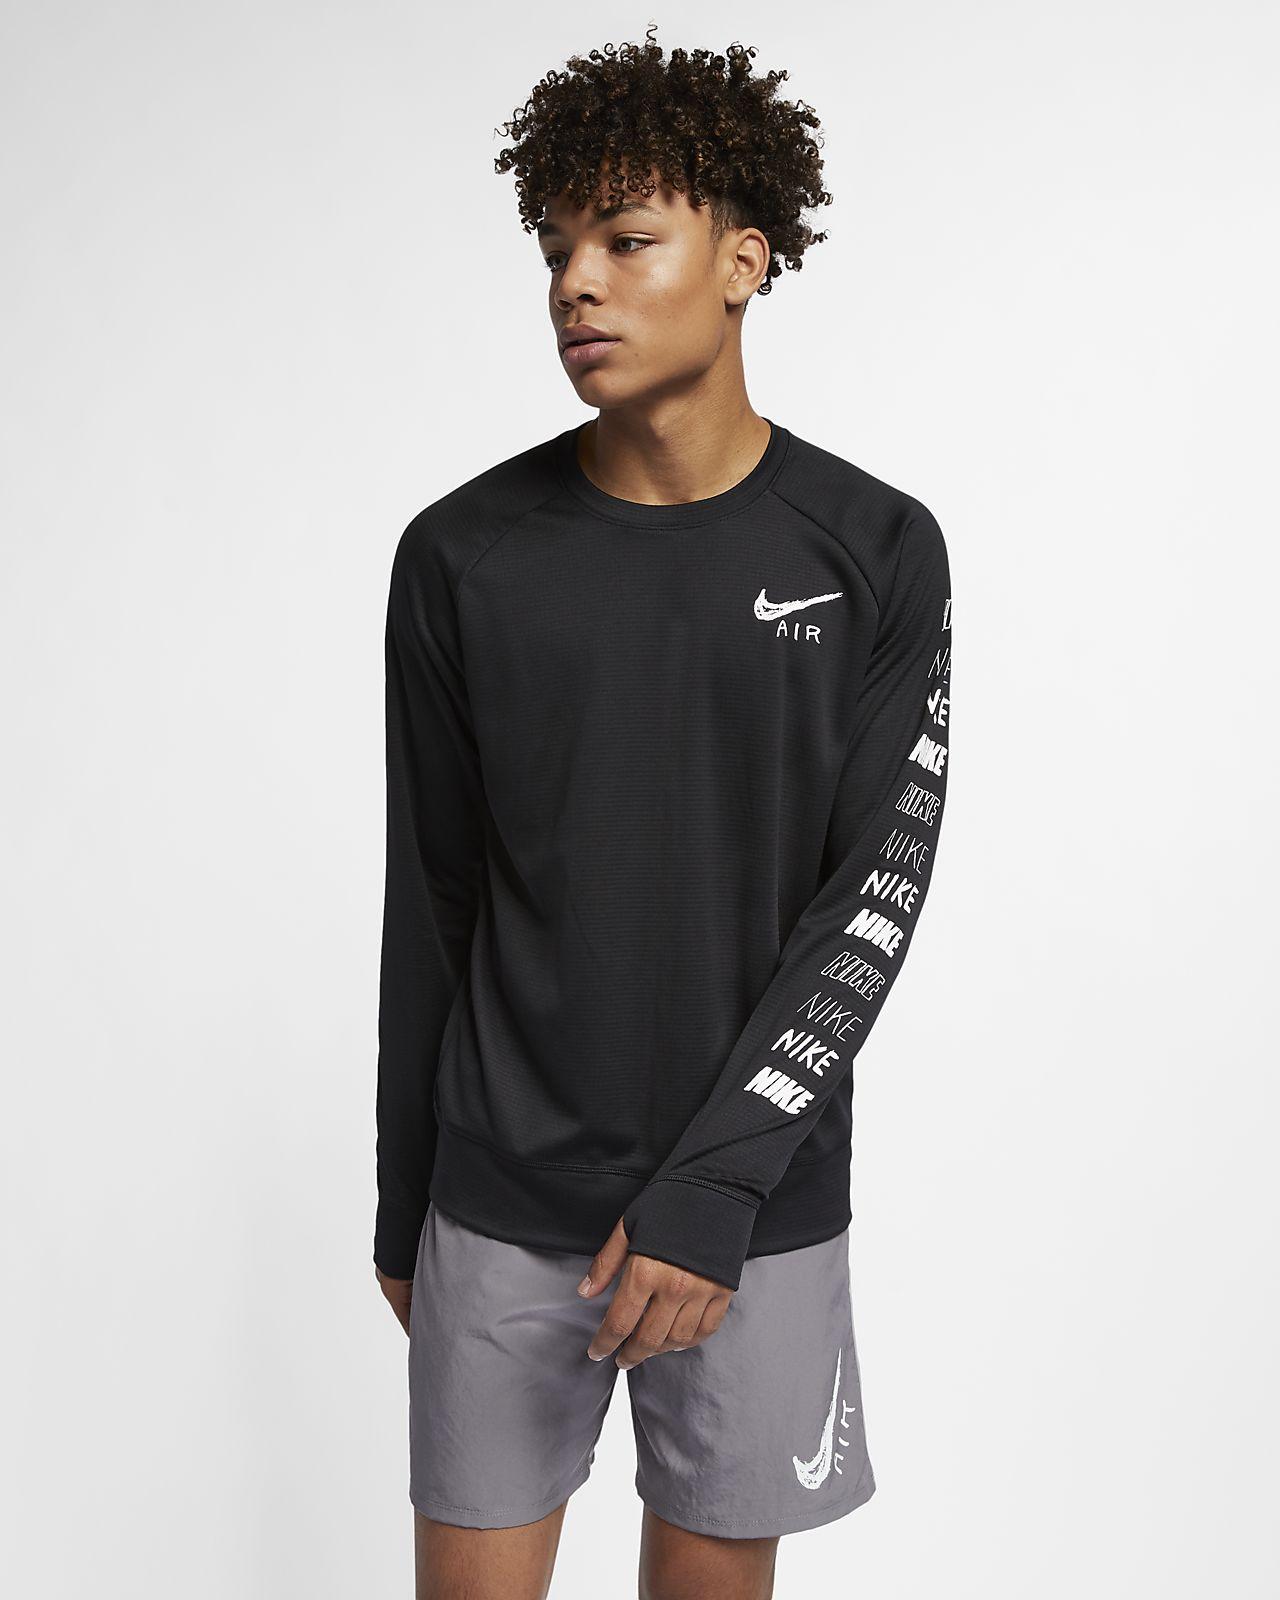 Nike Pacer Men's Running Top